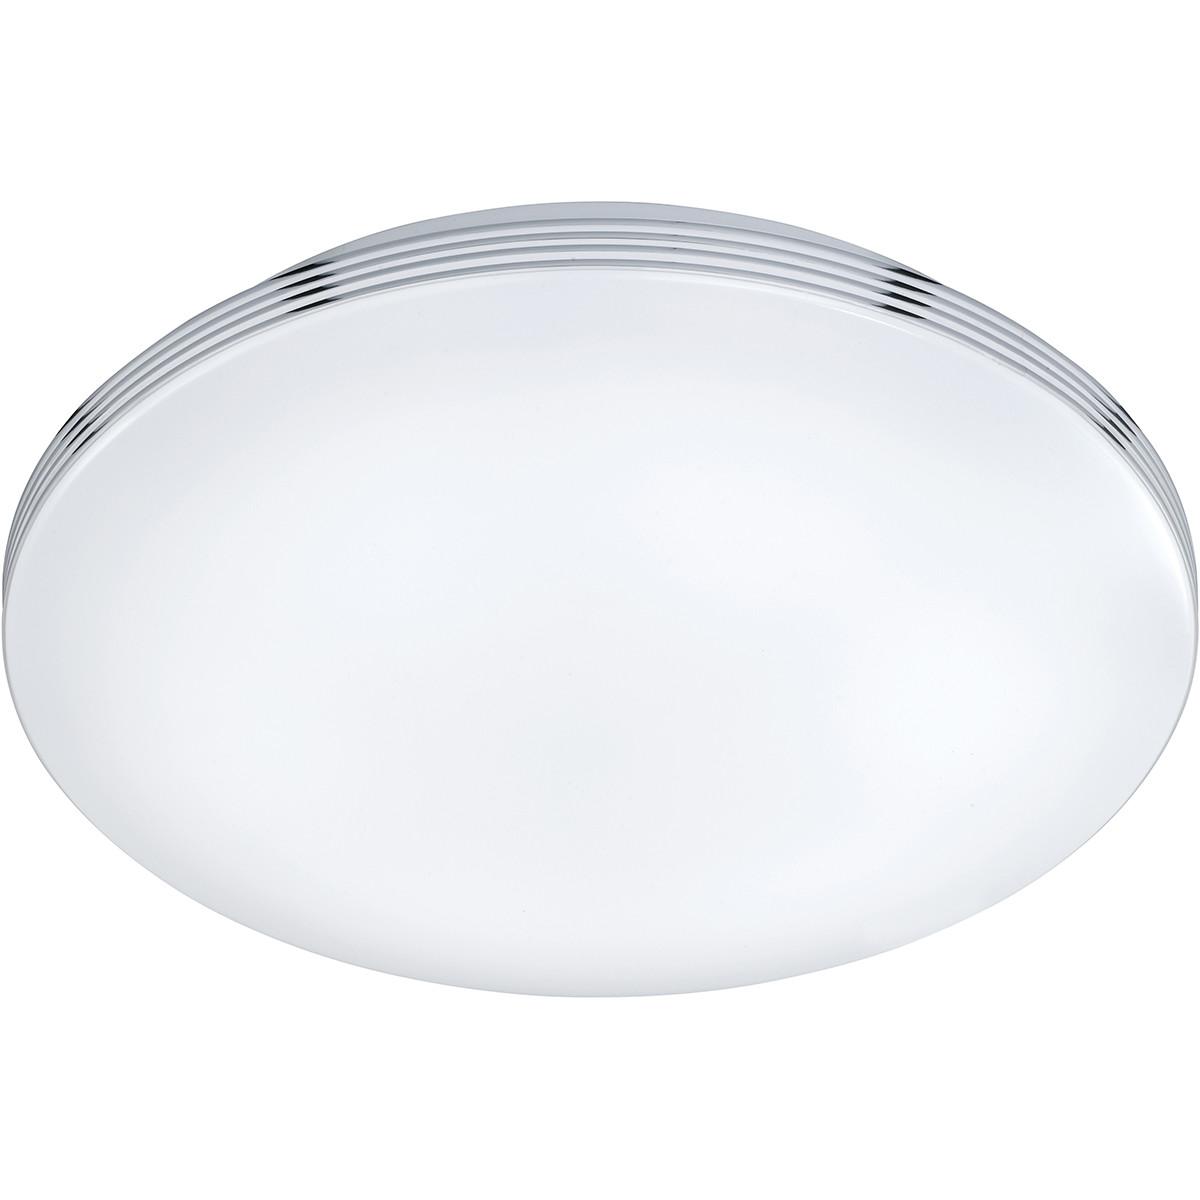 LED Plafondlamp - Trion Apity - Opbouw Rond 24W - Spatwaterdicht IP44 - Dimbaar - Warm Wit 3000K - G